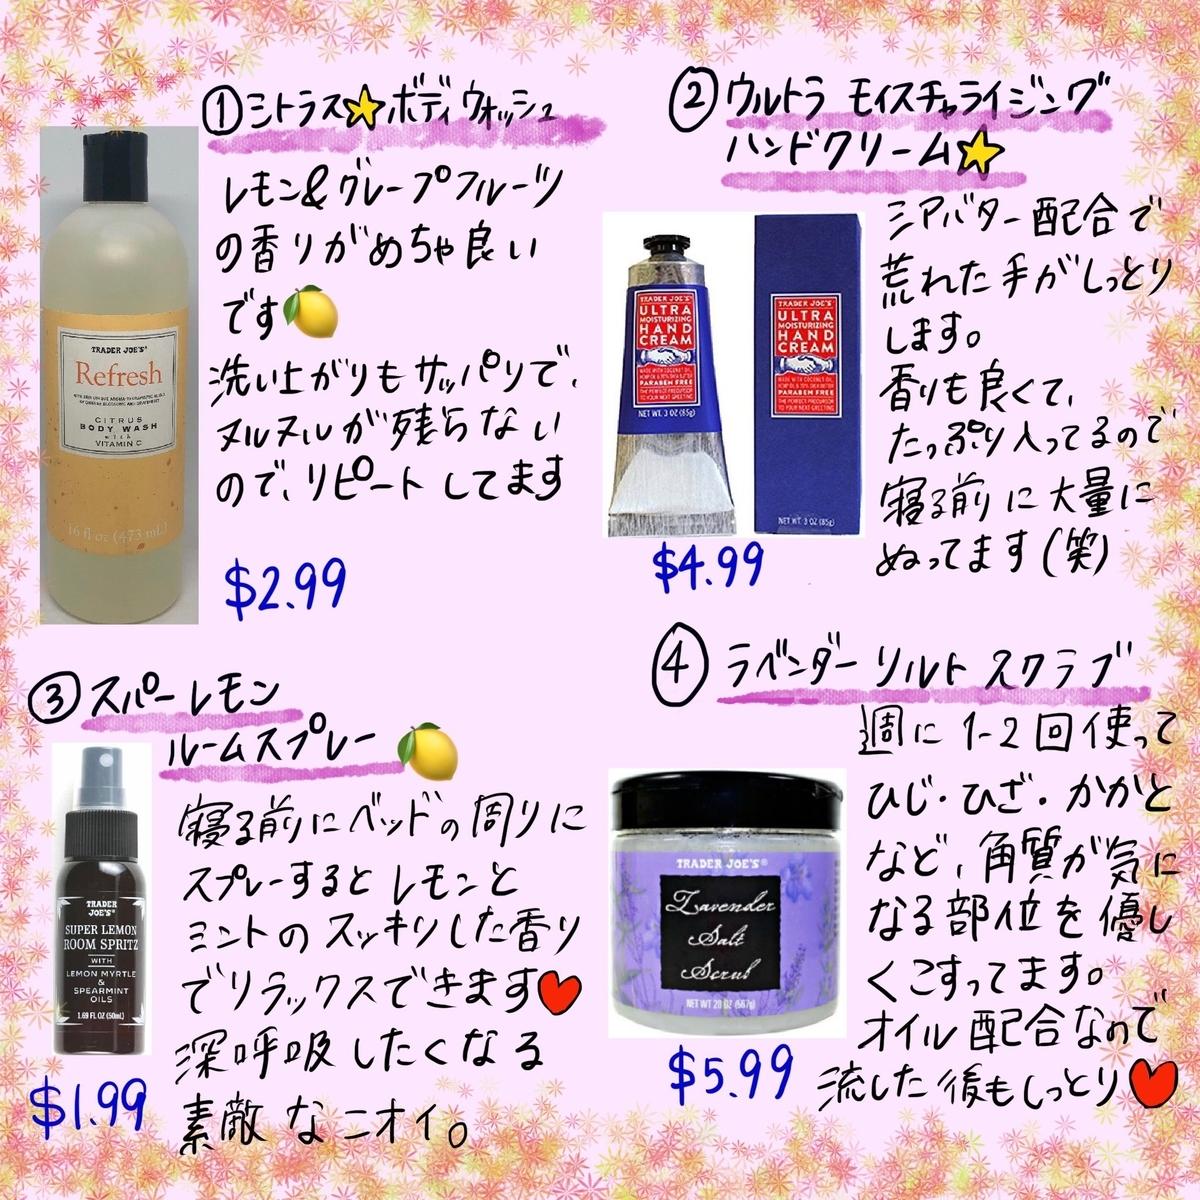 f:id:c-omori-0610:20200423155716j:plain